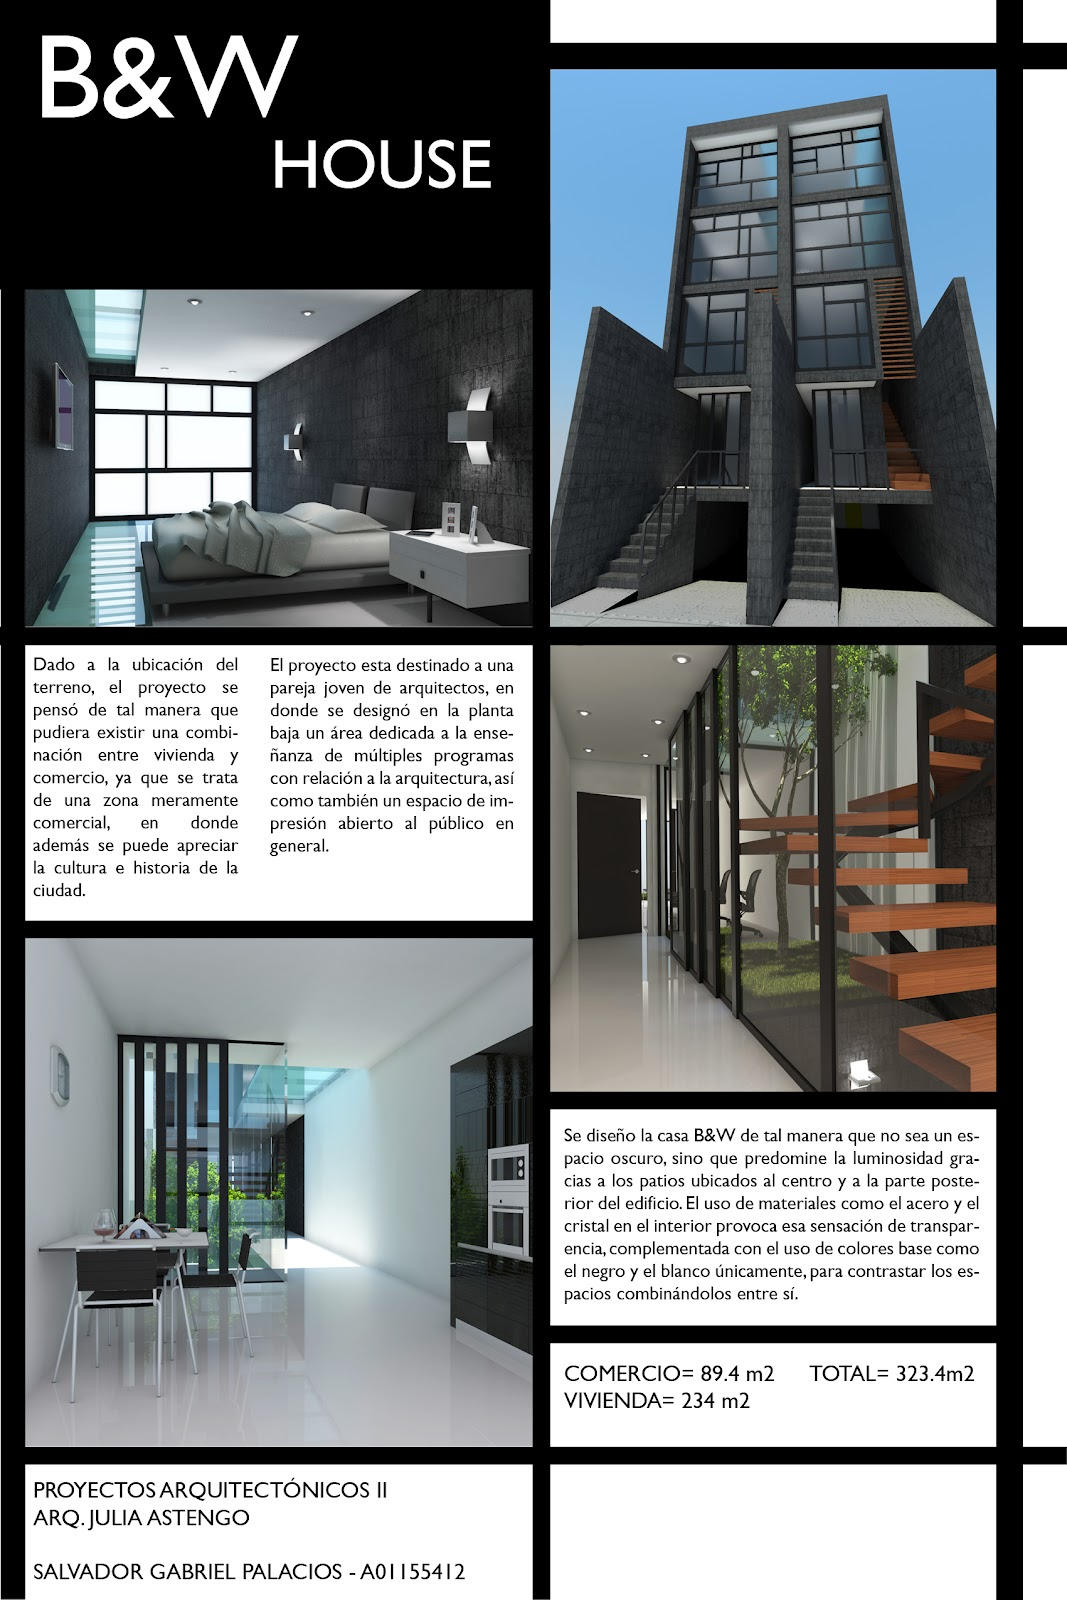 Arquitectura salvador g b w house vivienda entre for Laminas arquitectura